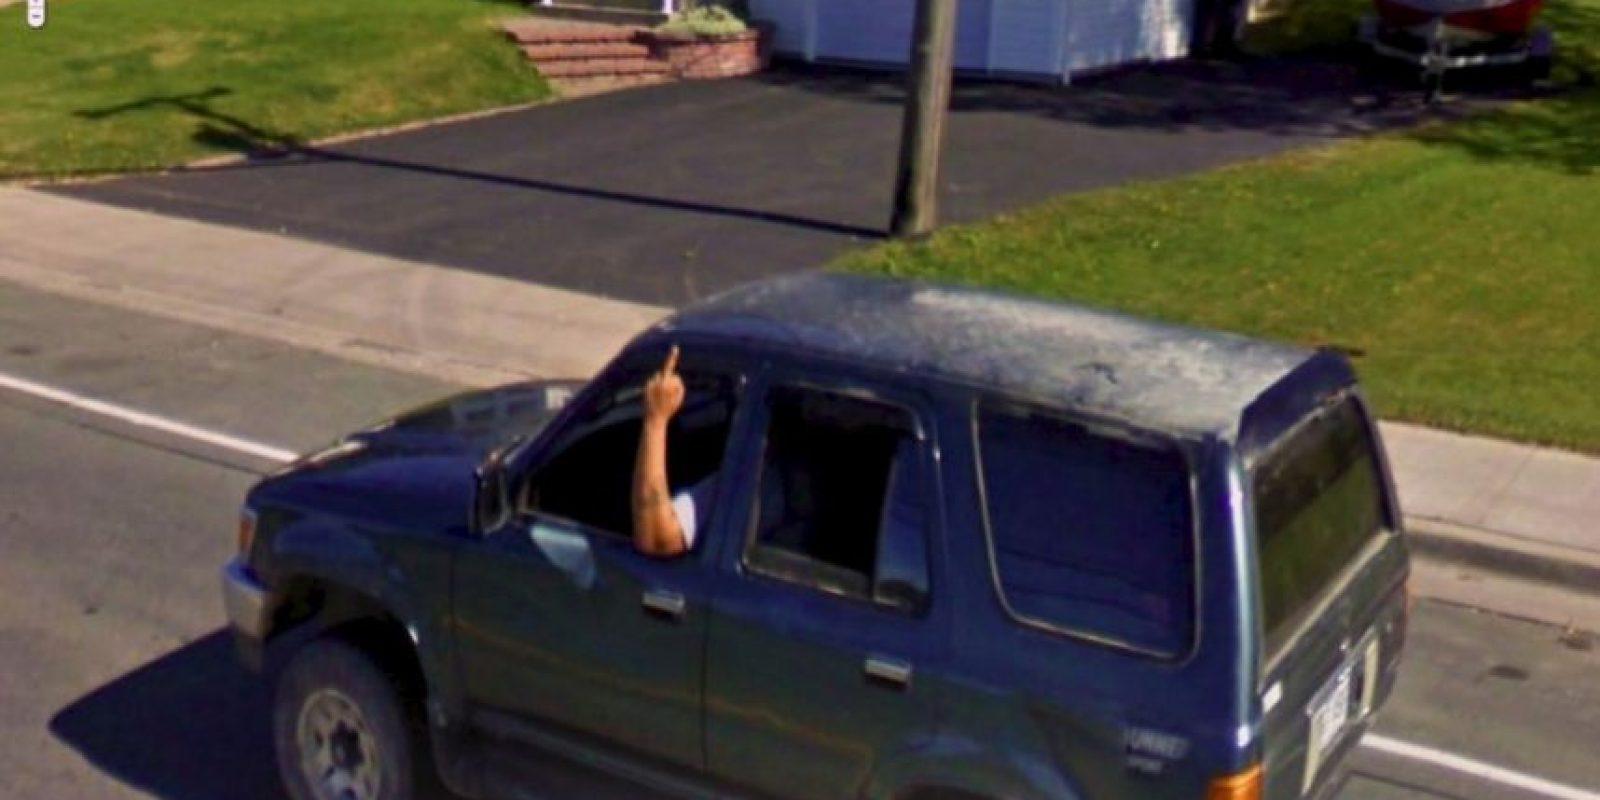 Un hombre en una camioneta haciendo señas osbcenas. Foto:Google